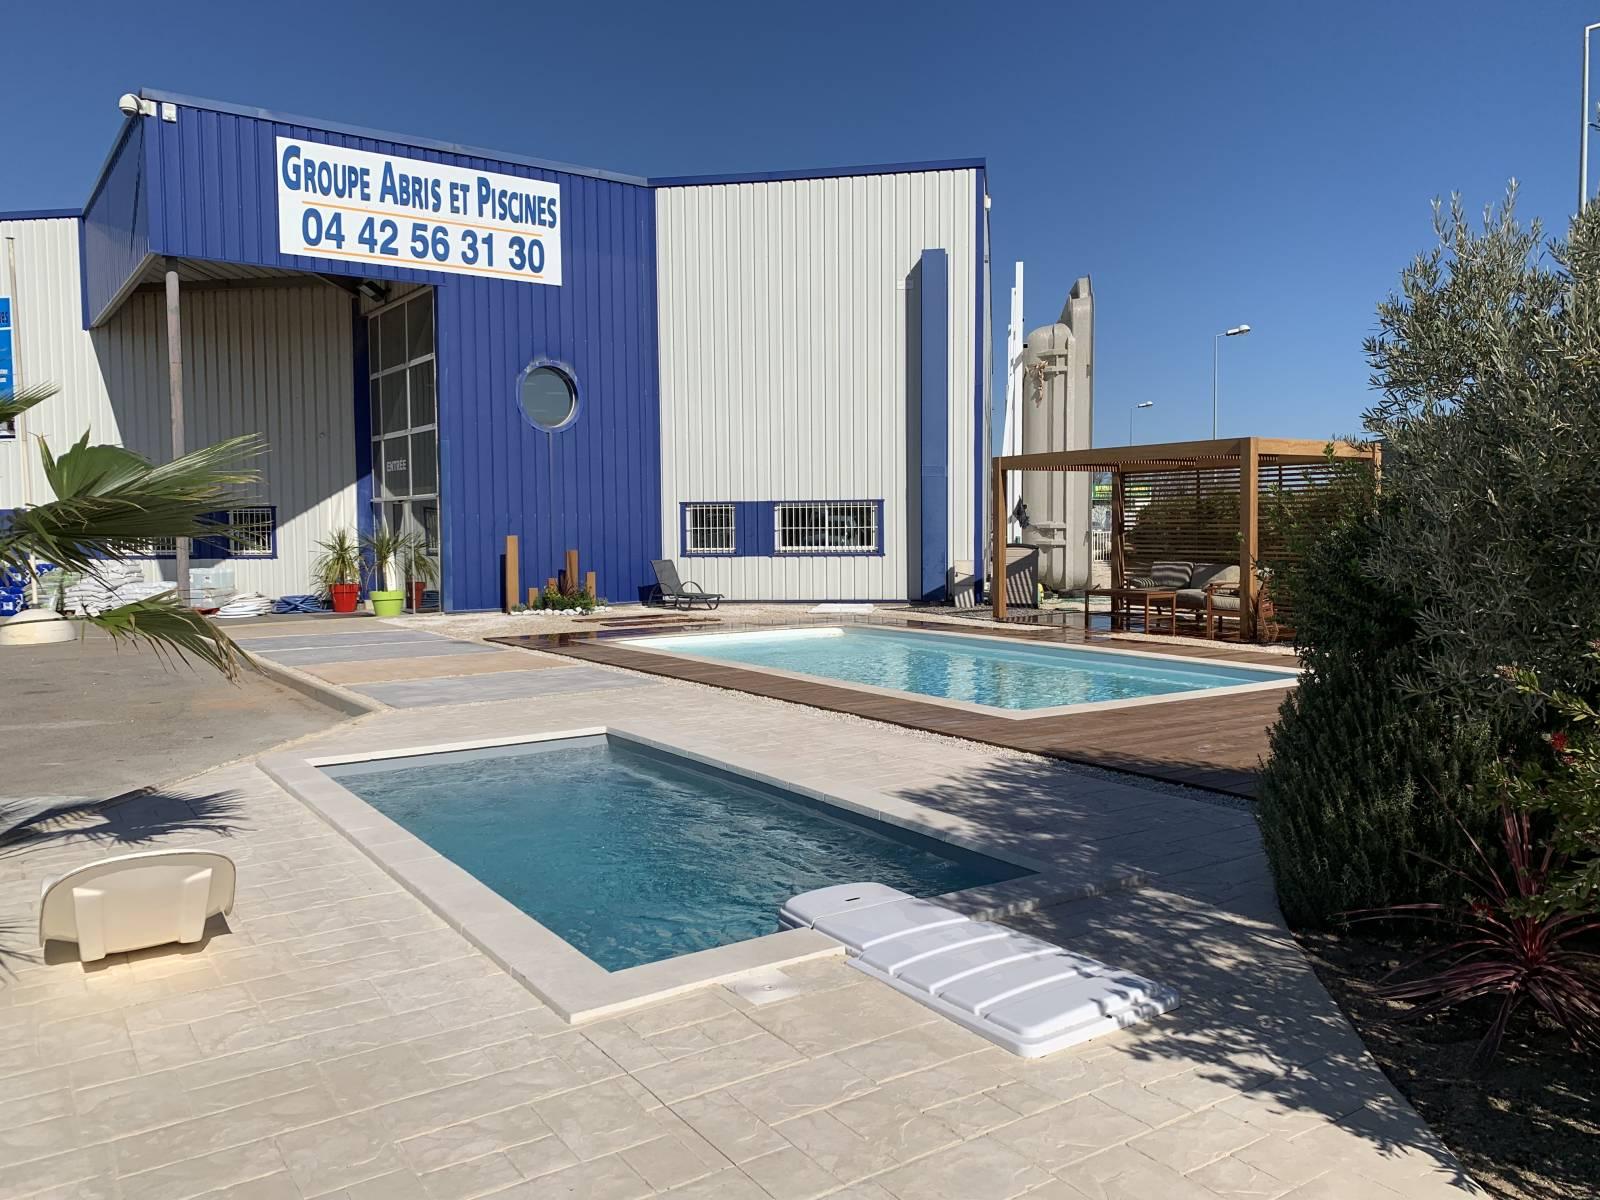 Materiel Piscine La Ciotat vente d'accessoires pour piscine istres, spa et sauna